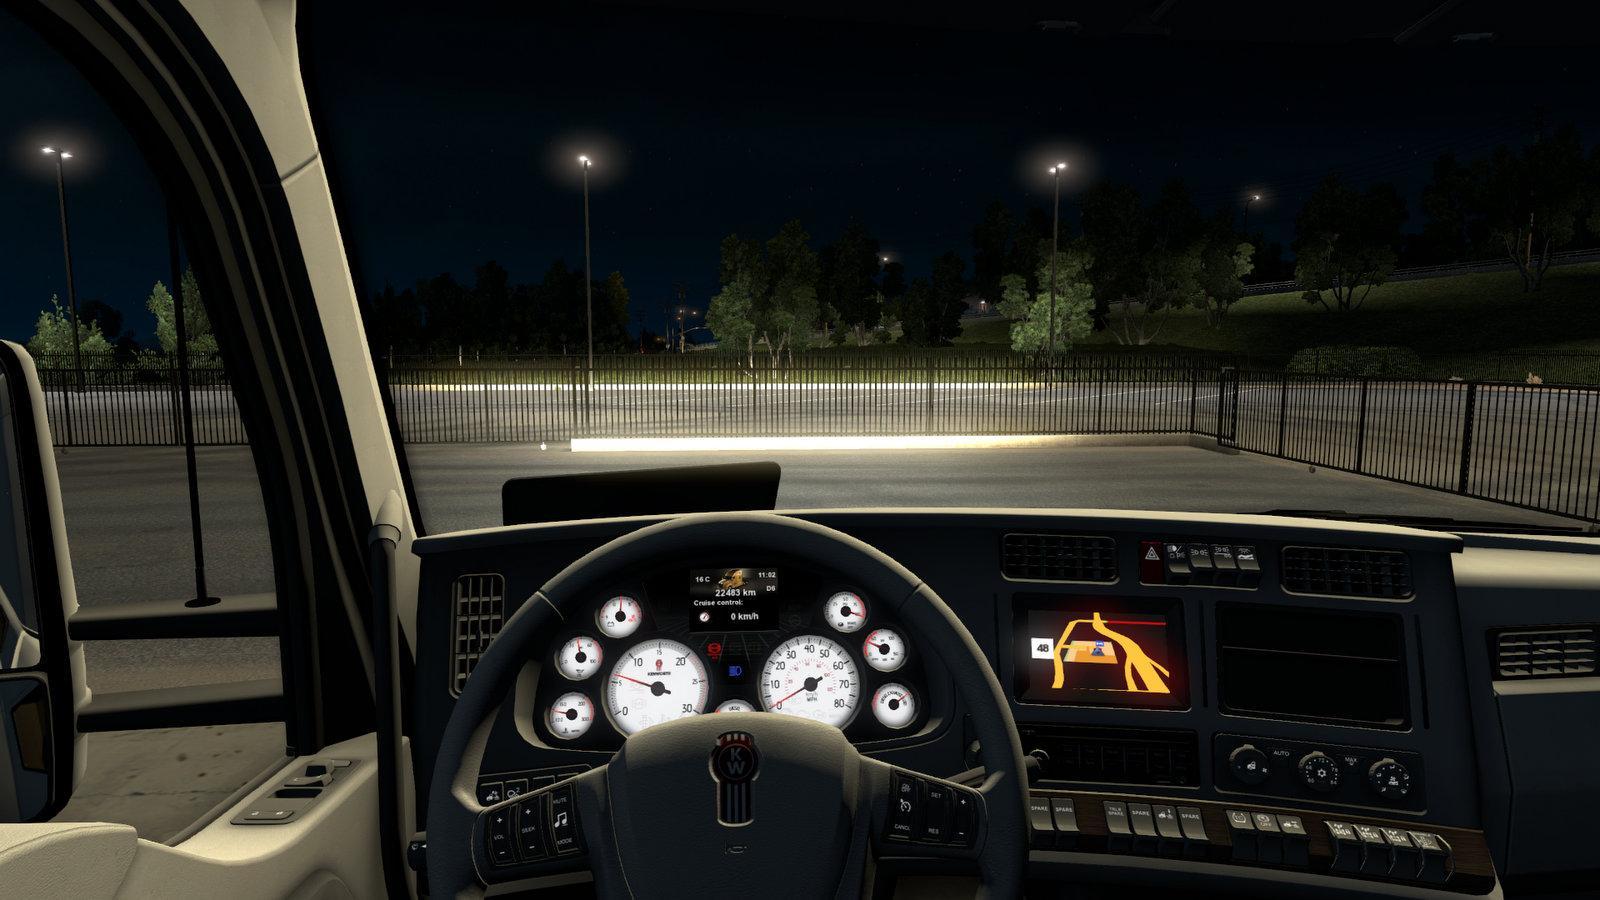 kenworth t680 white gauges truck interior v1 2 for ats euro truck simulator 2 mods. Black Bedroom Furniture Sets. Home Design Ideas